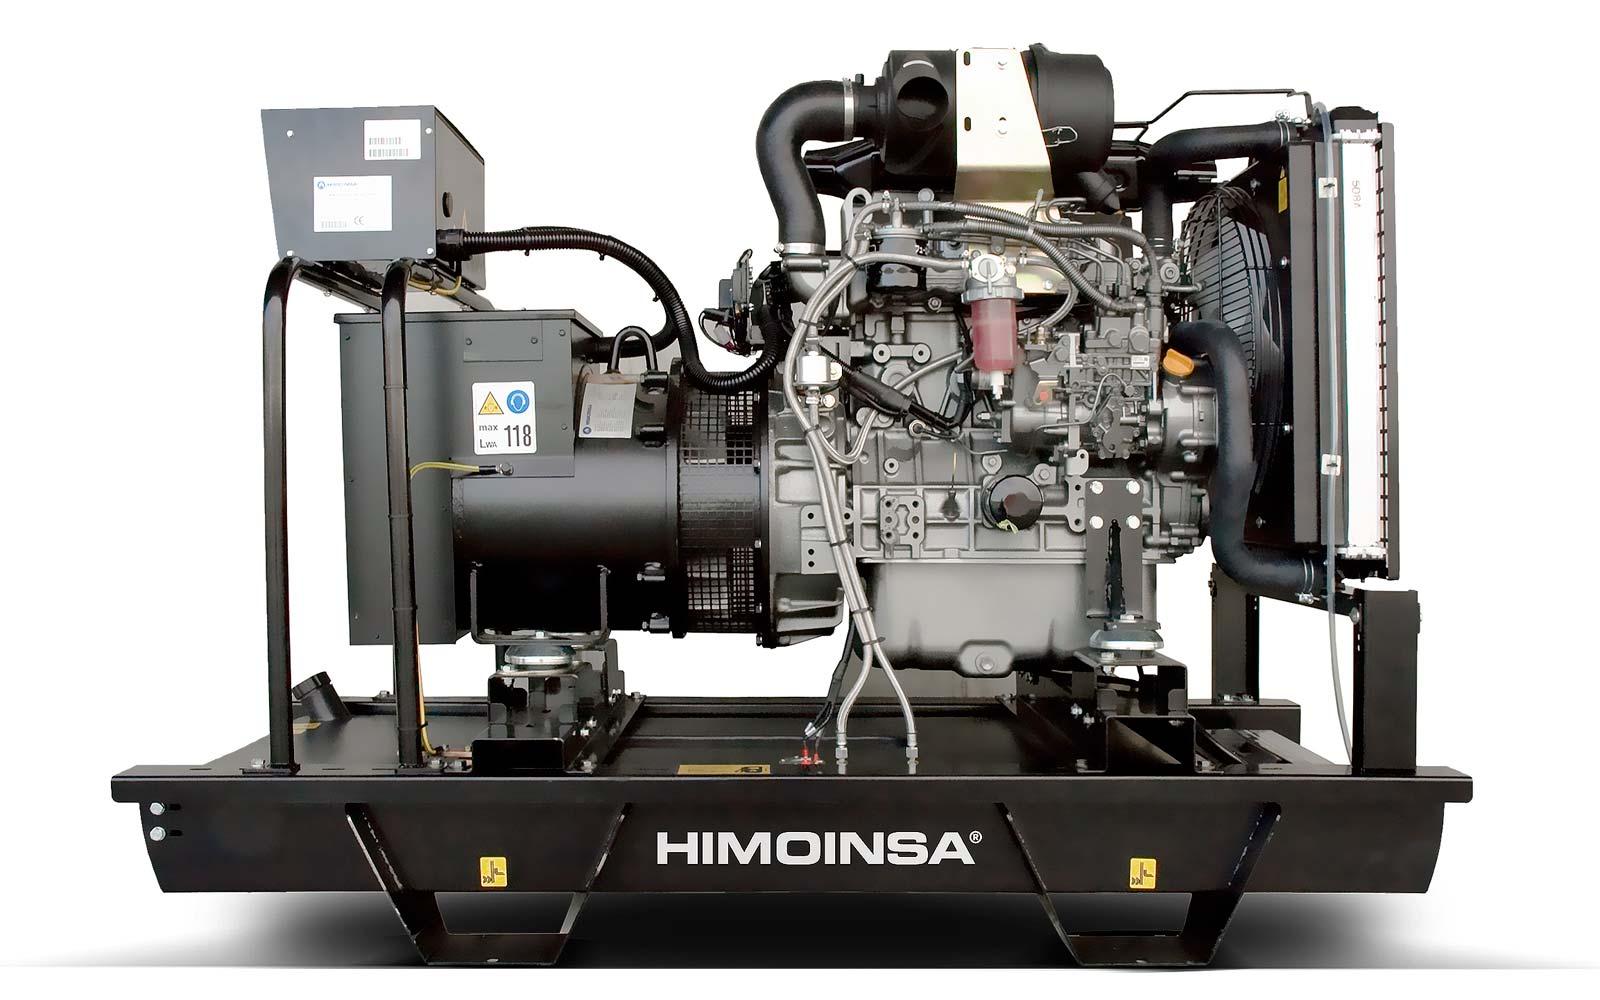 дизельная электростанция himoinsa hyw-20 t5